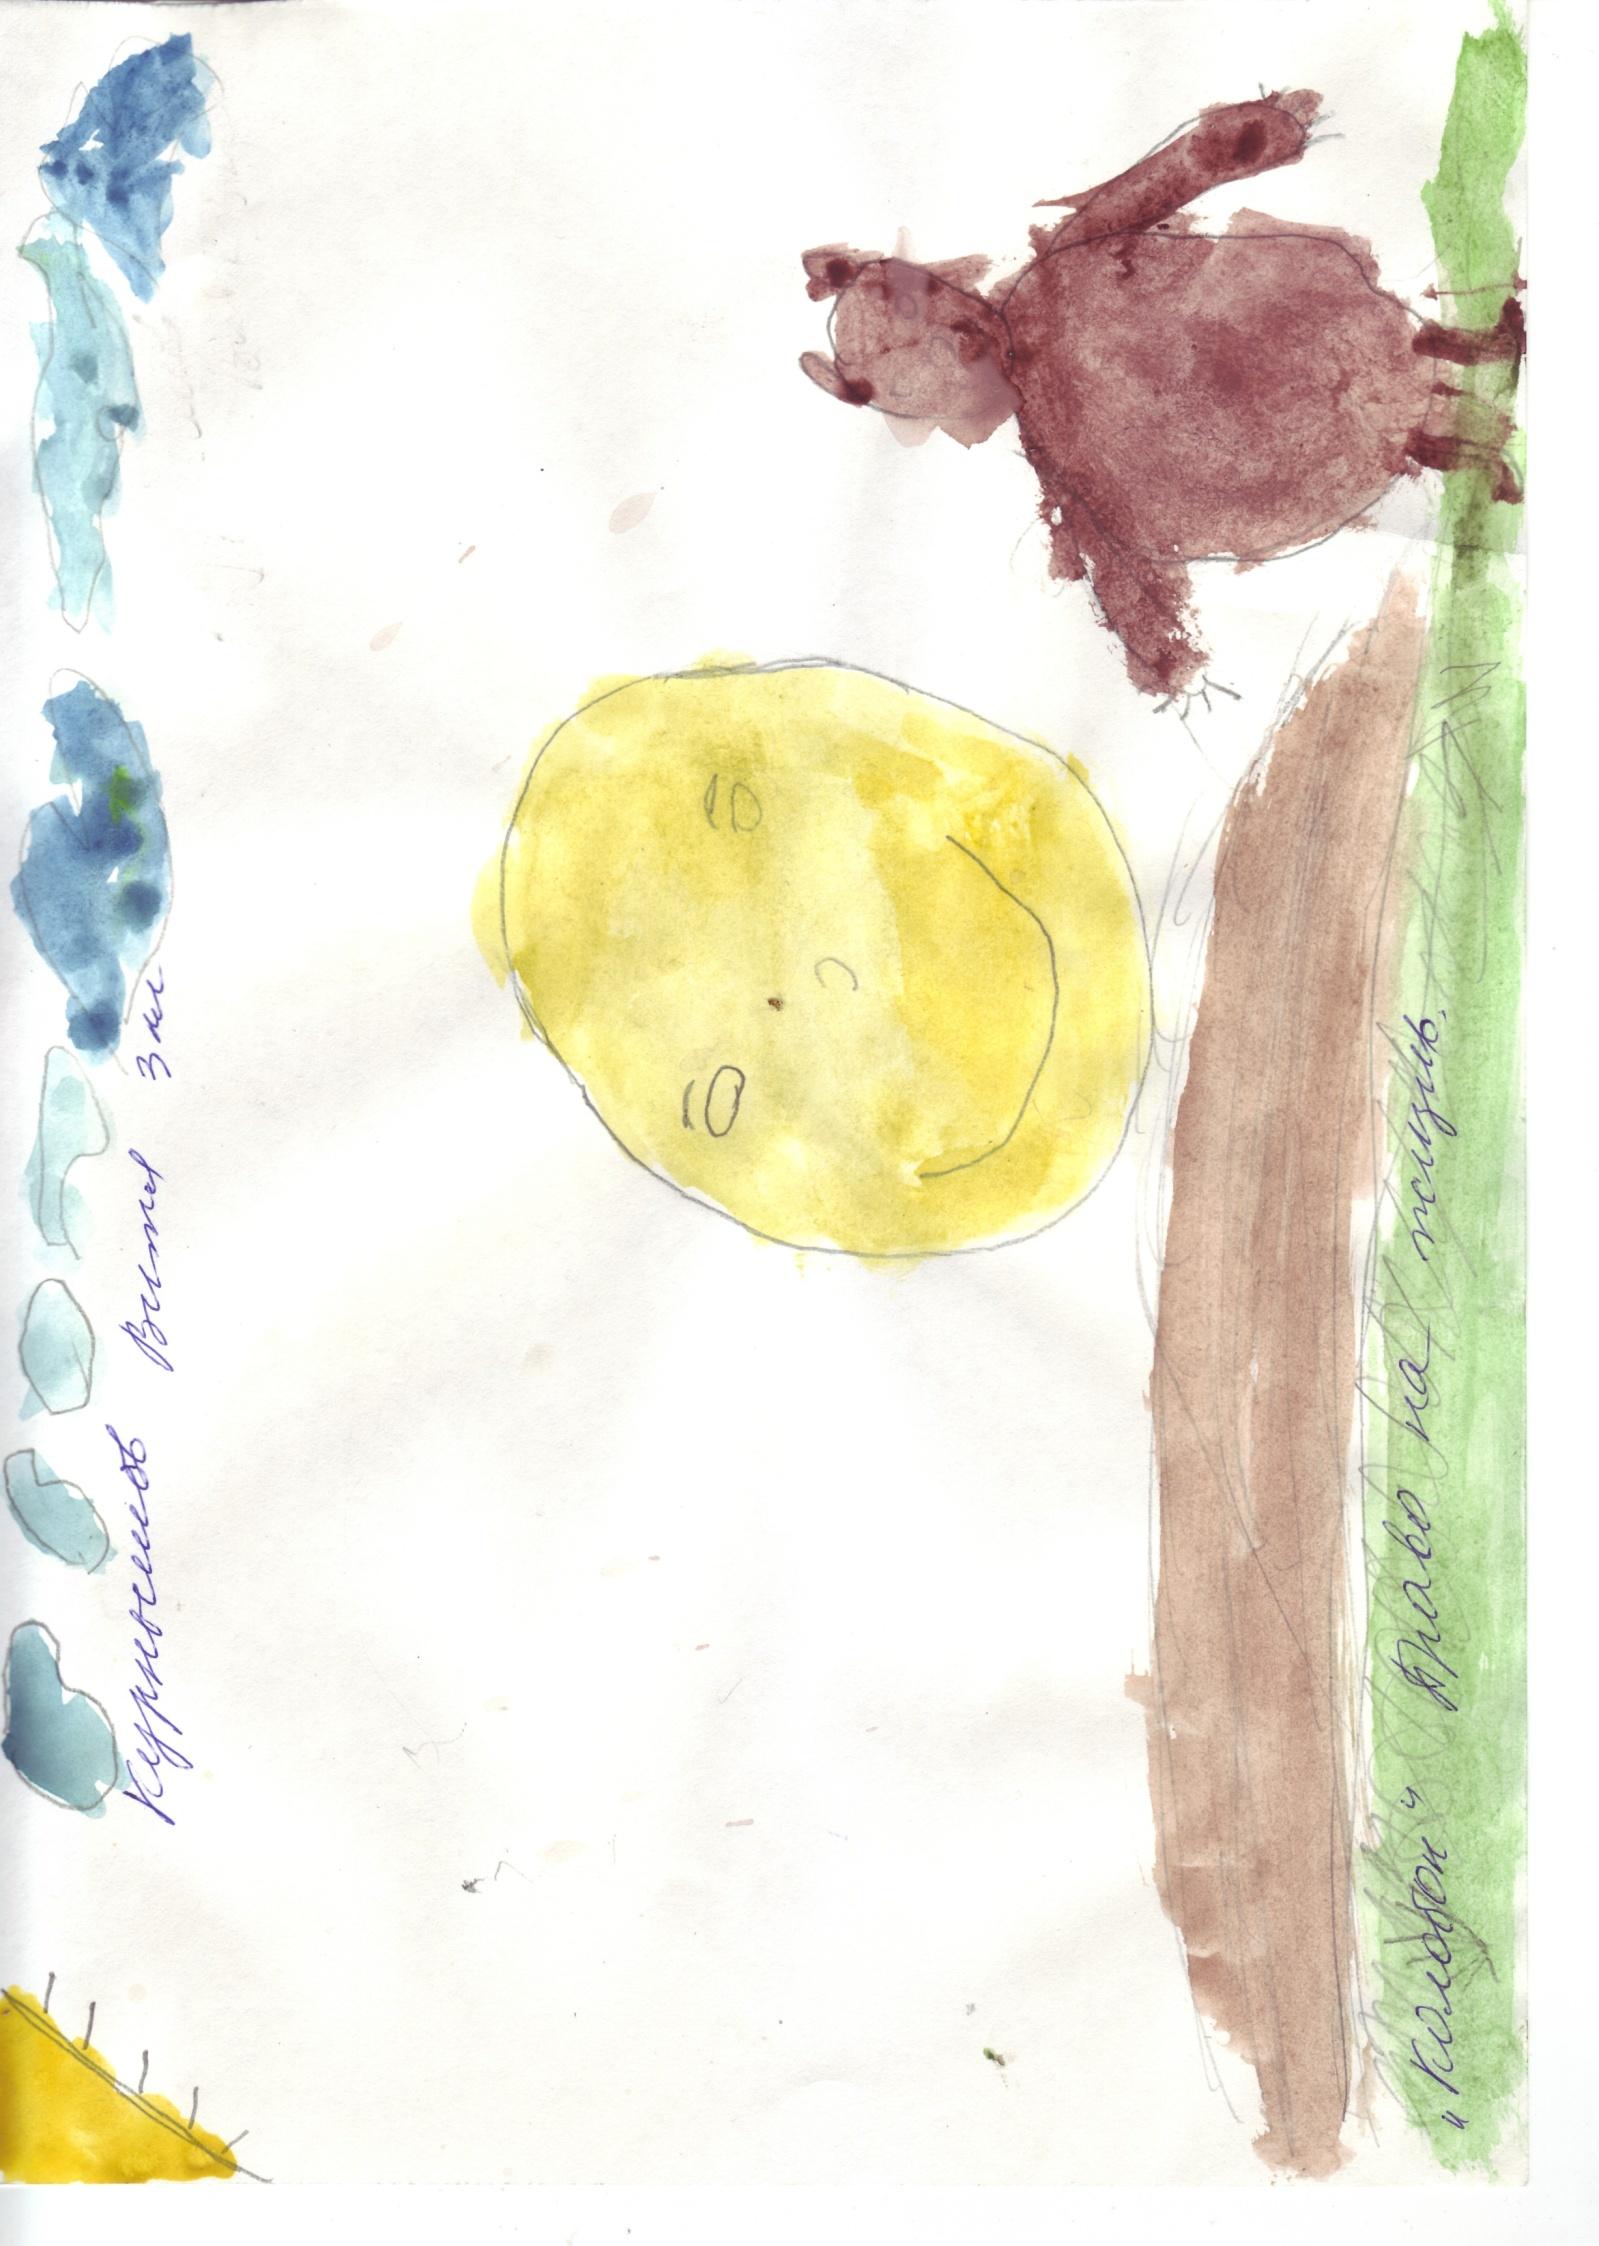 C:\Documents and Settings\maycomp\Мои документы\Мои рисунки\2013-12-06\4.jpg